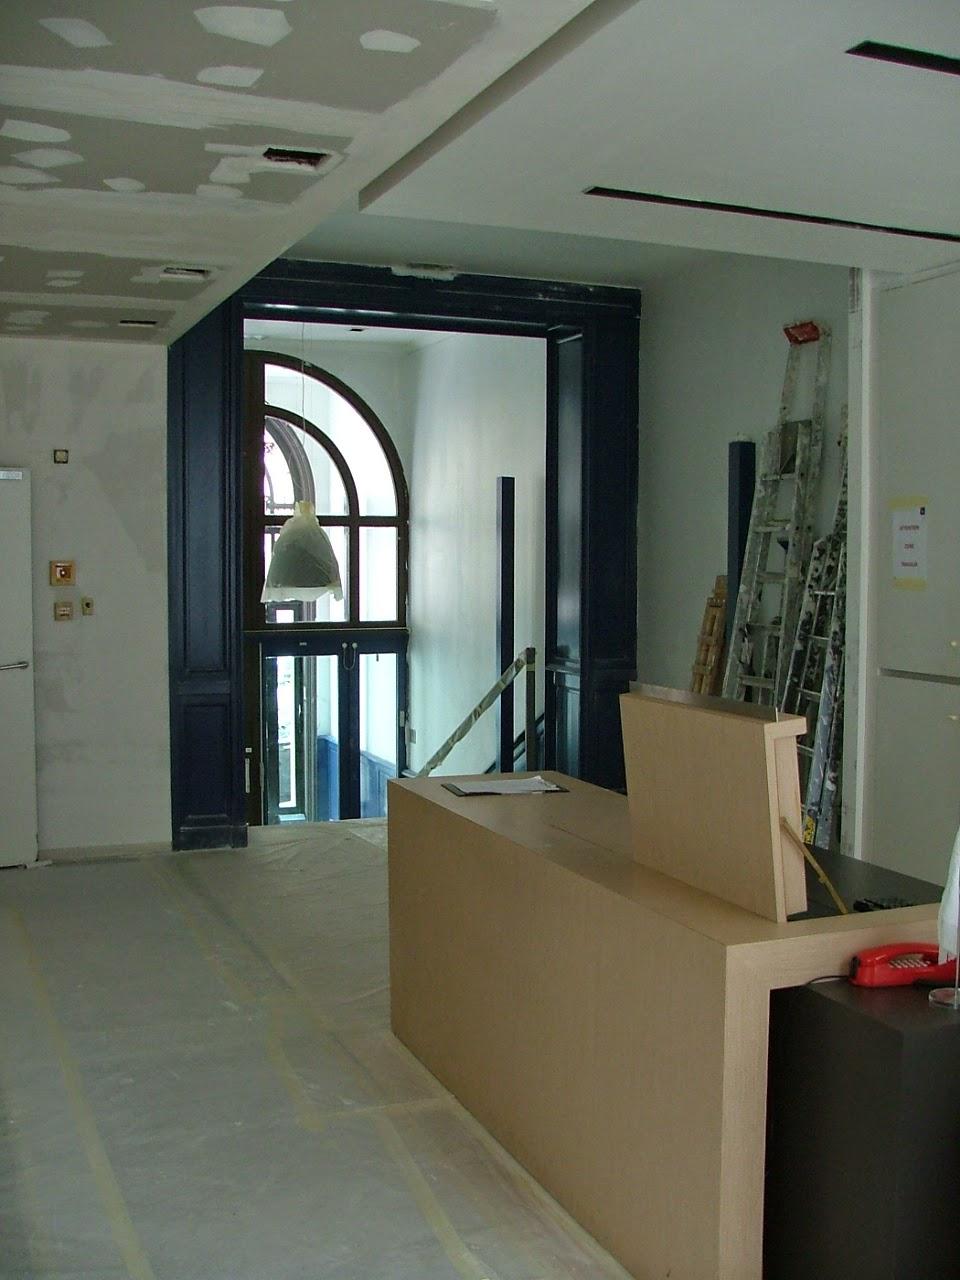 philippe bonfanti architecte renovation si ge groupe talan rue euler paris 08 avec anne laure. Black Bedroom Furniture Sets. Home Design Ideas